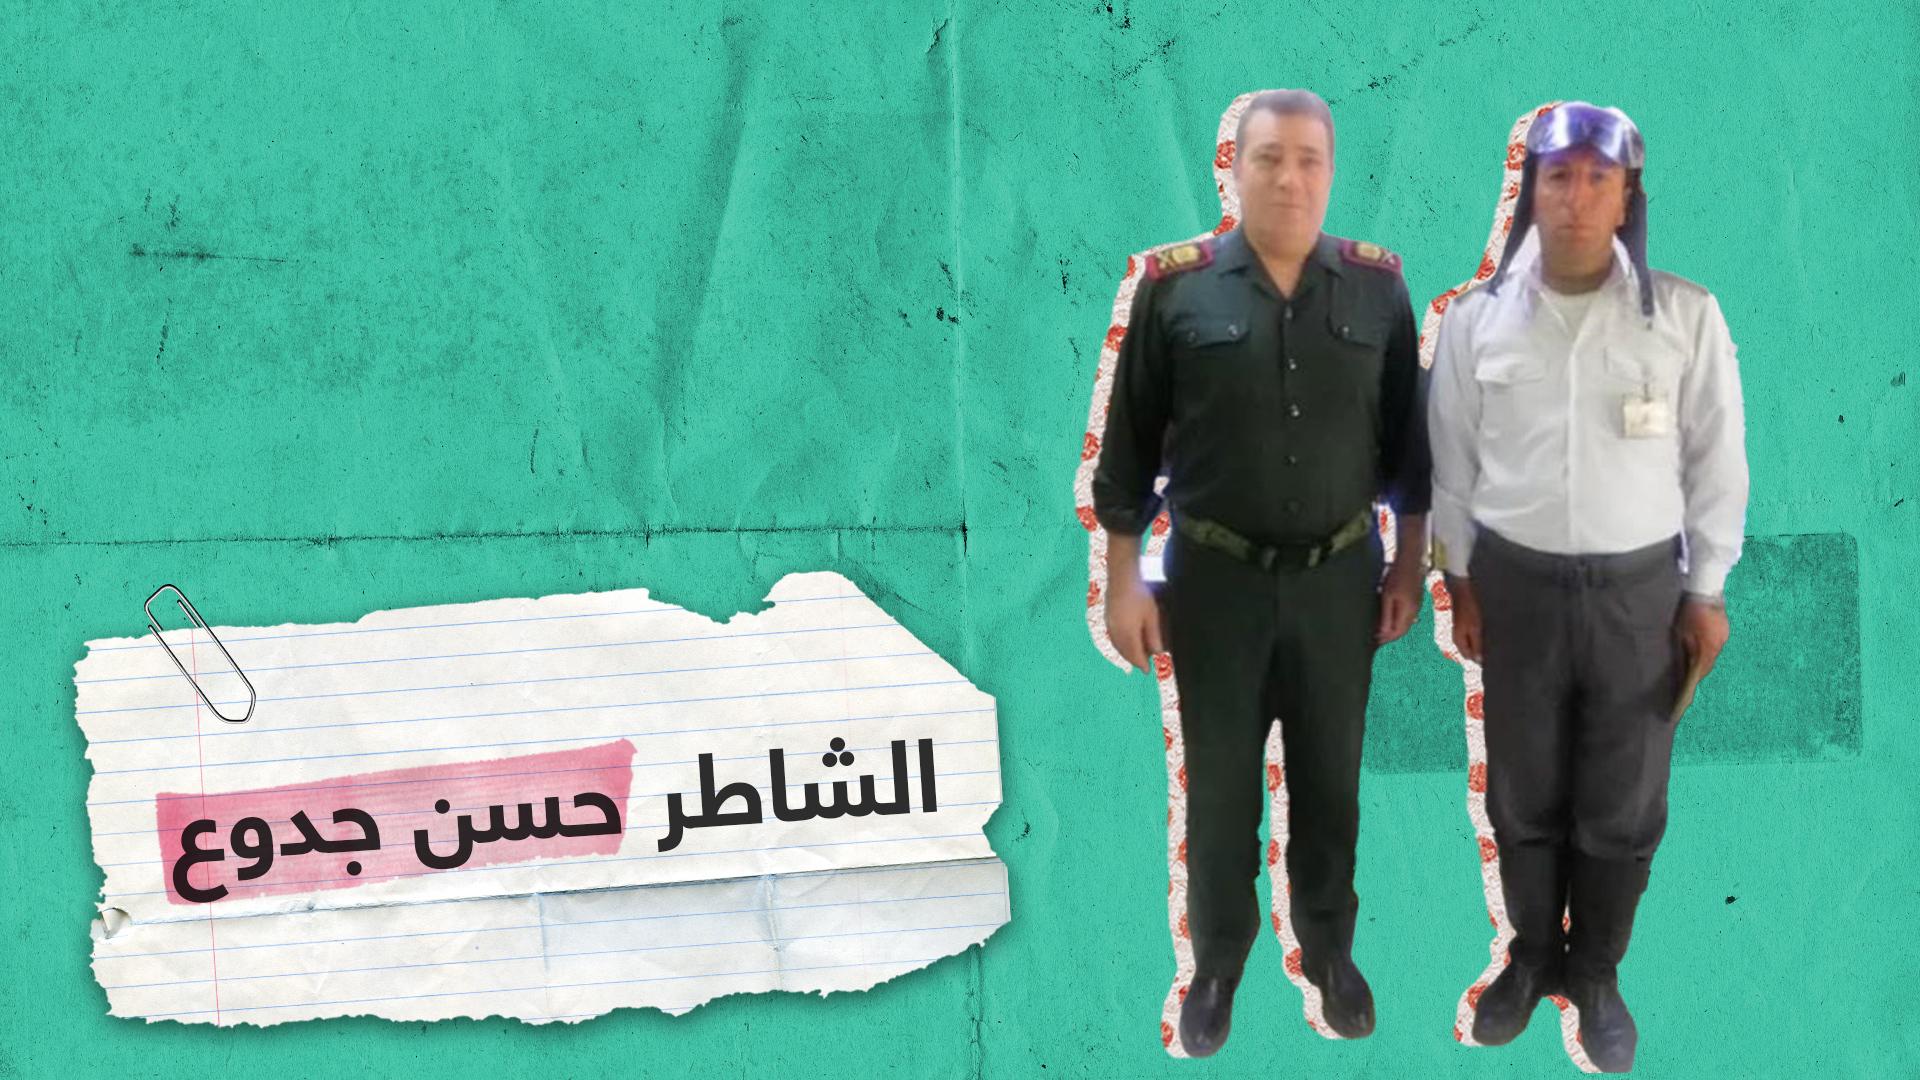 شرطي سوري يثير إعجاب رواد مواقع التواصل